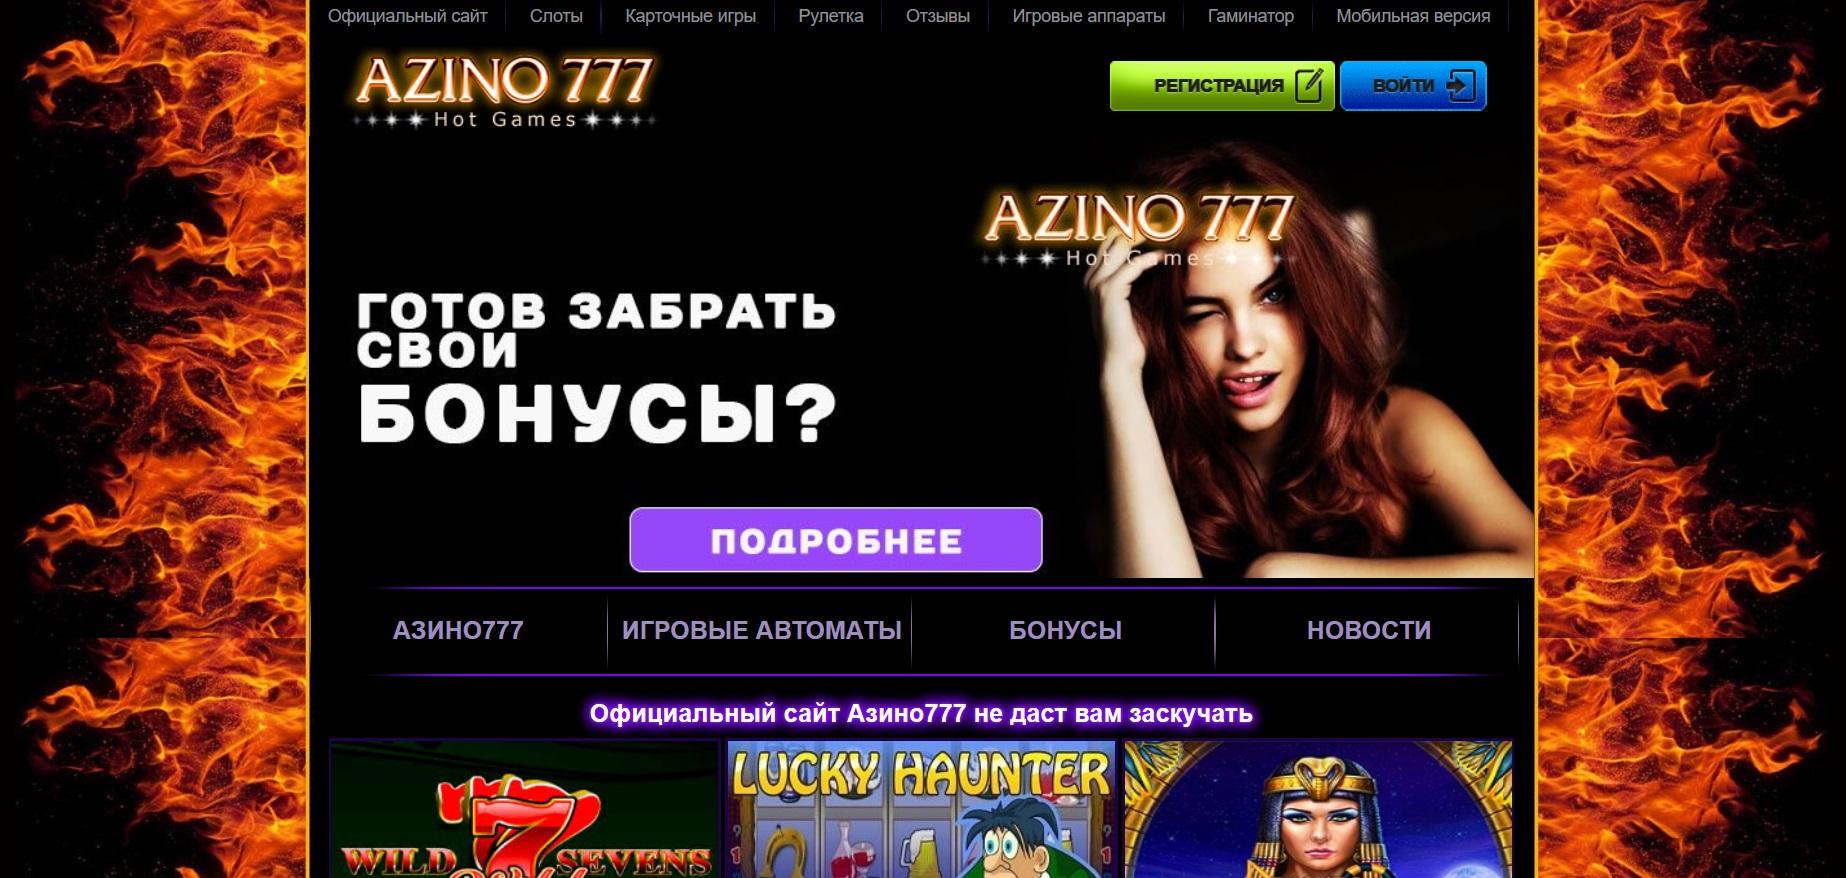 azino777 официальный сайт mobile